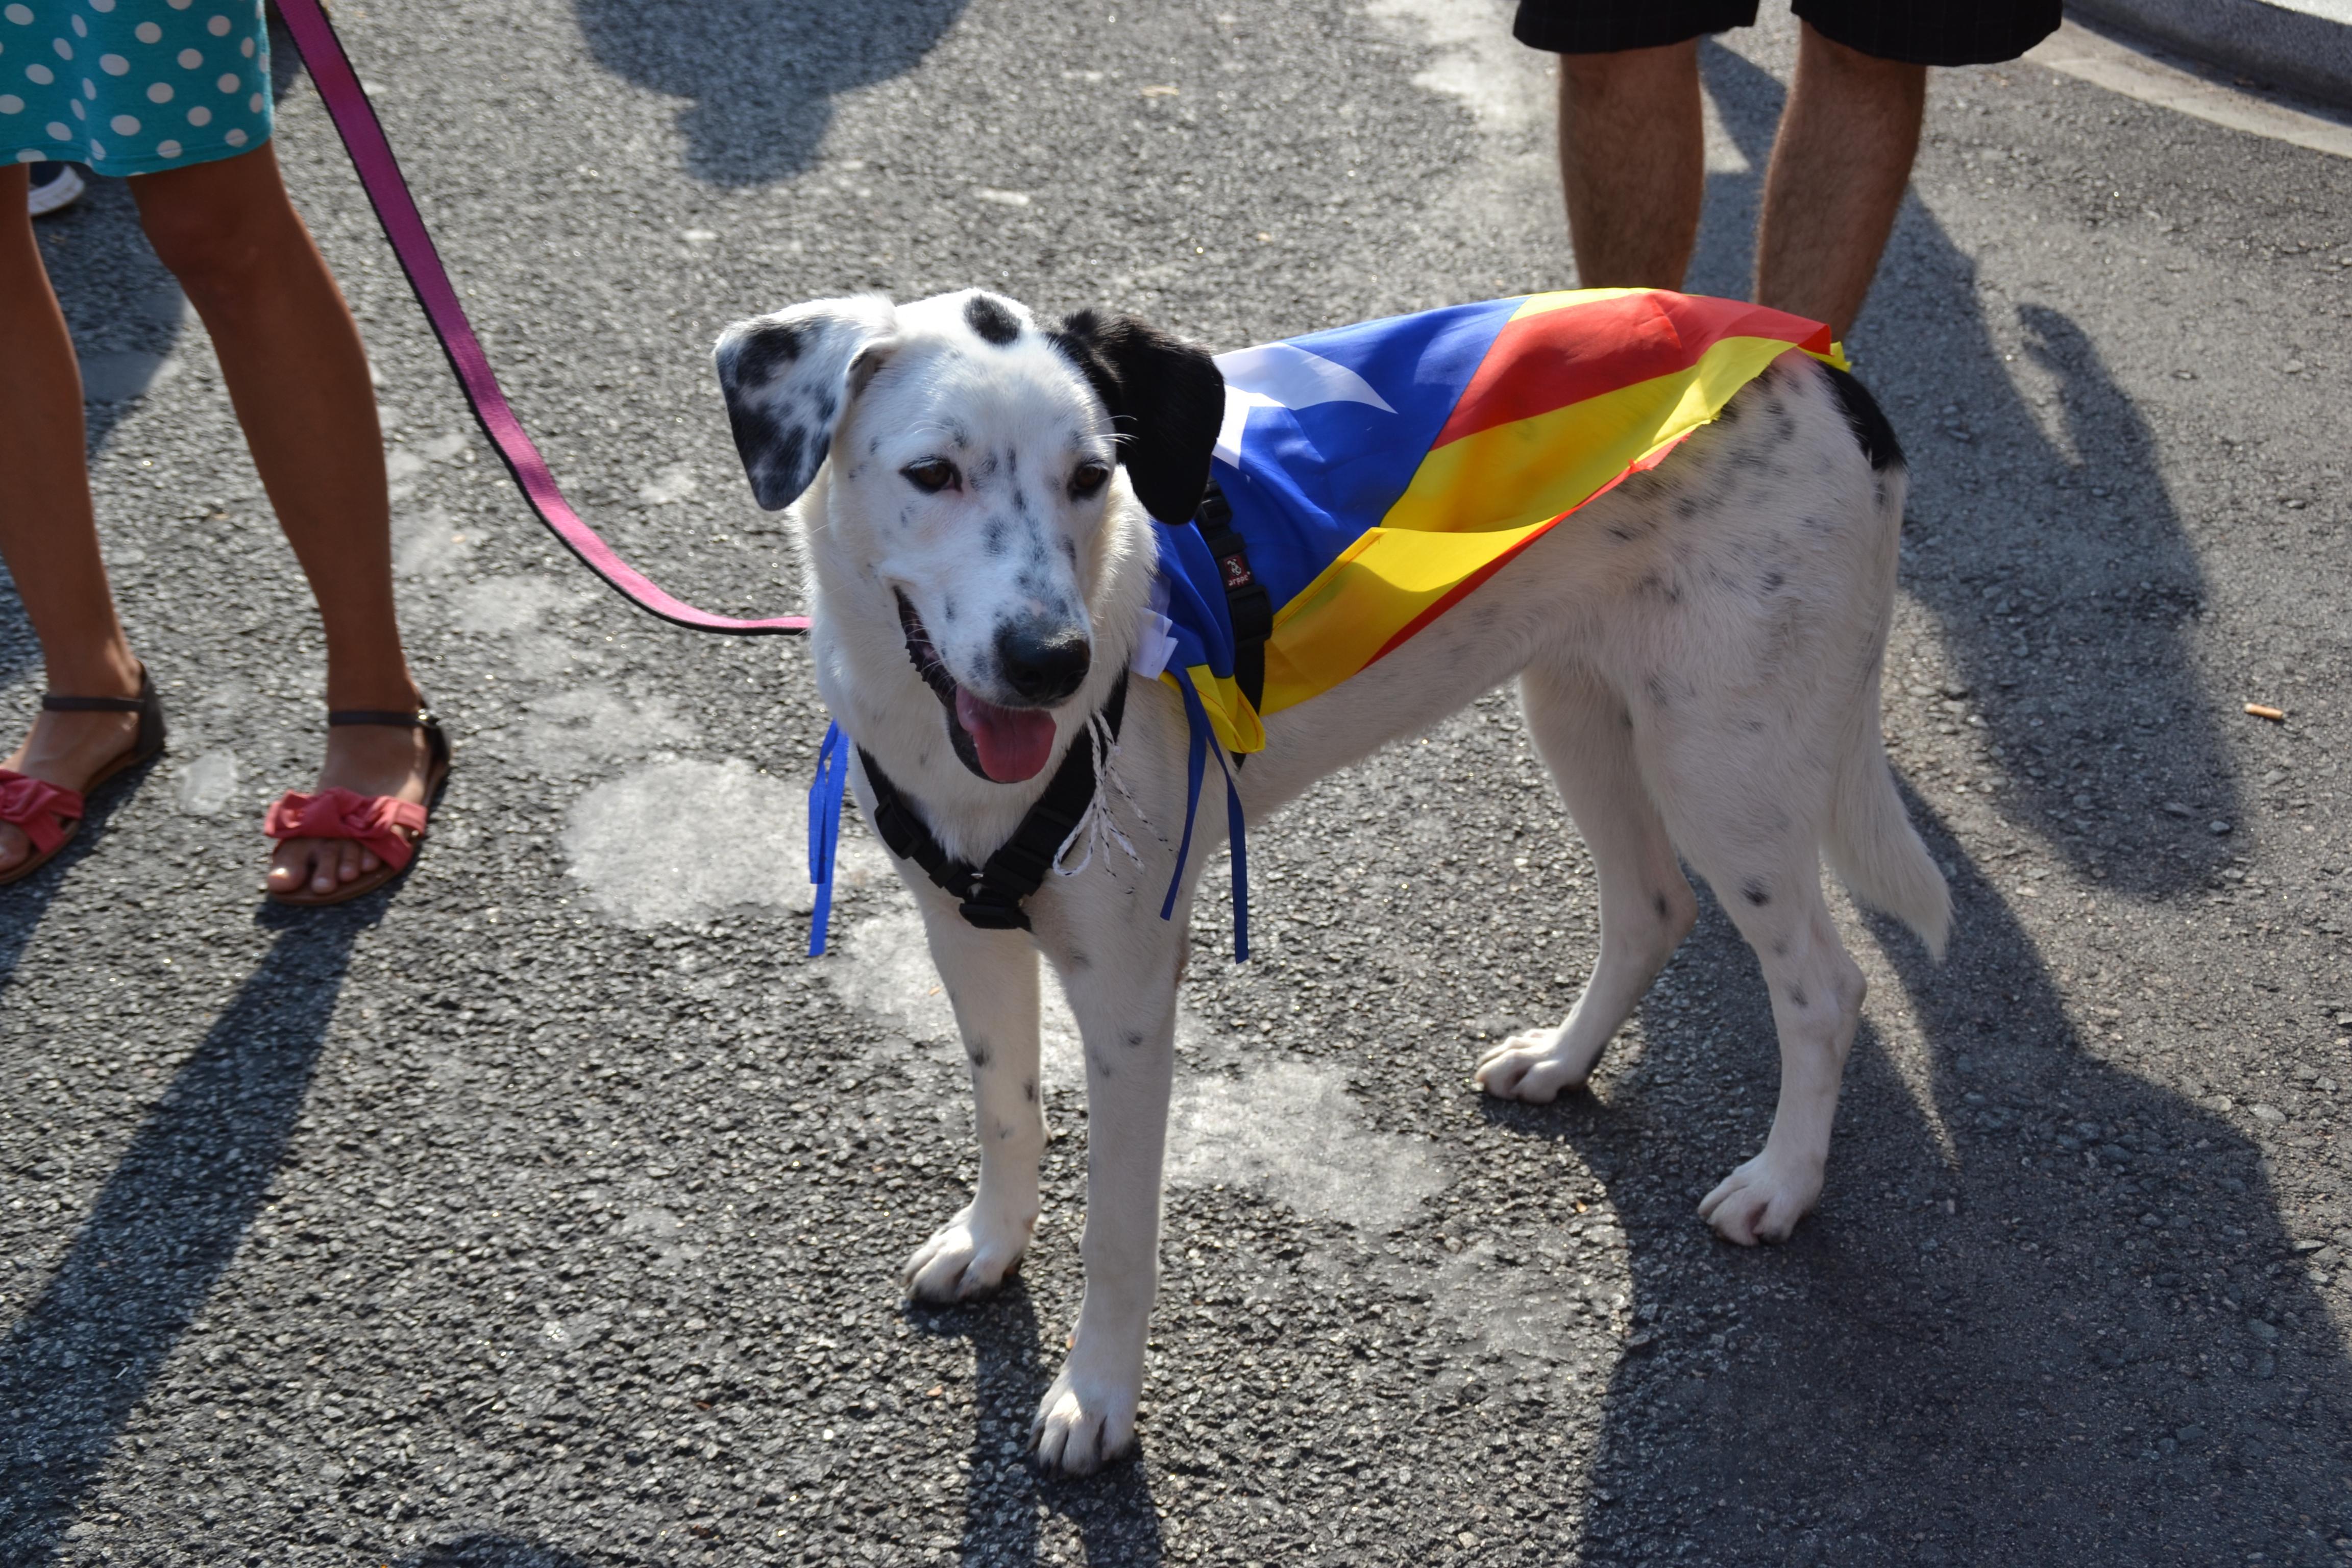 Las mascotas también se vistieron con los colores de Cataluña | © Paula P. Fraga